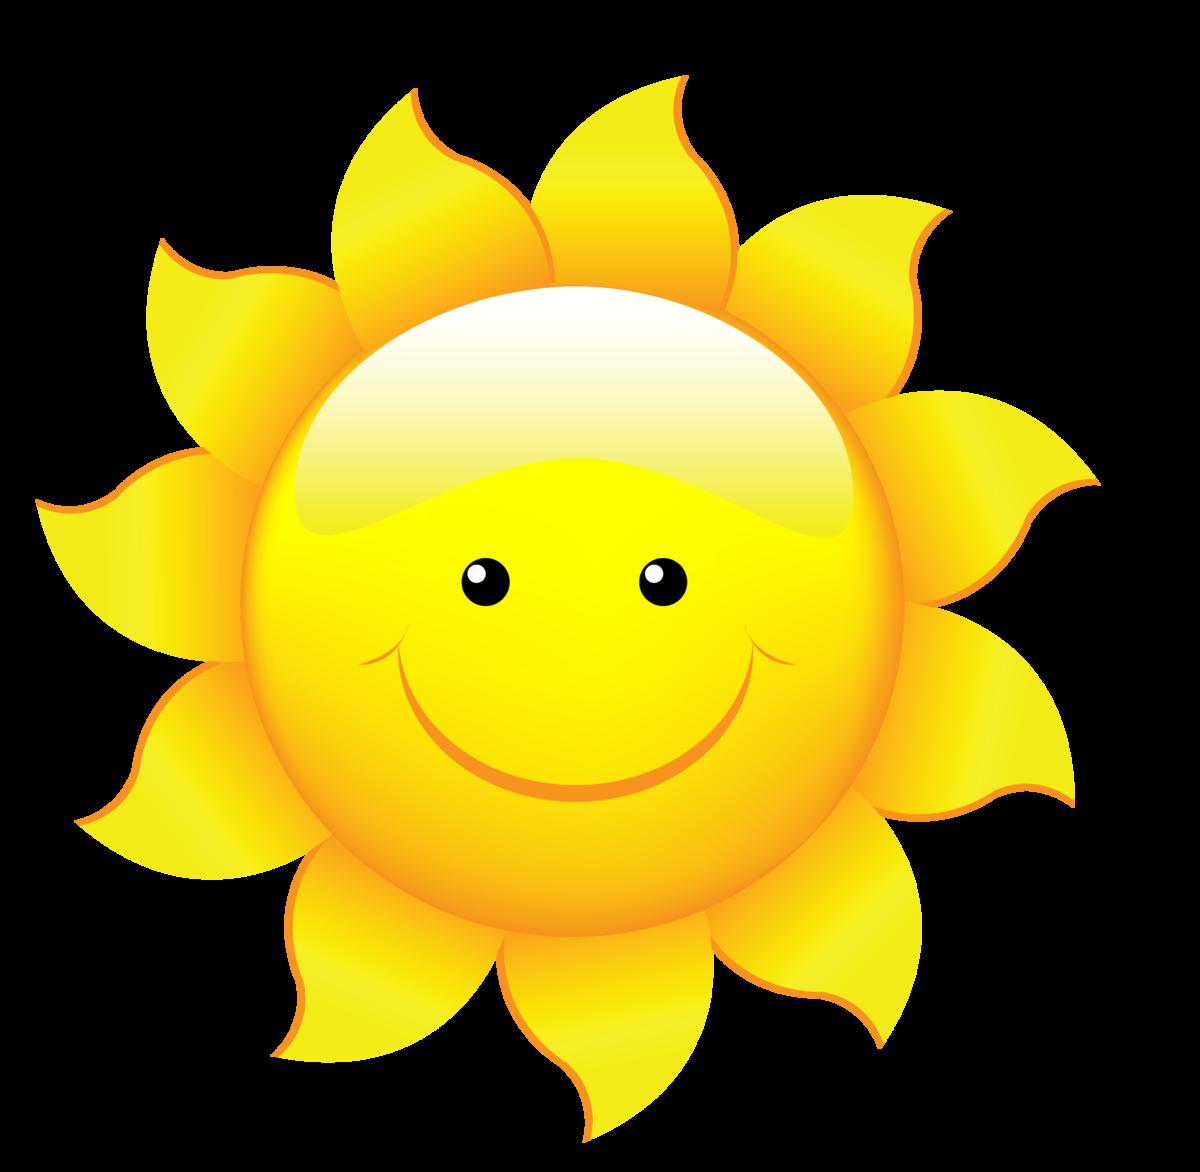 картинка улыбающаяся солнышко эффектно